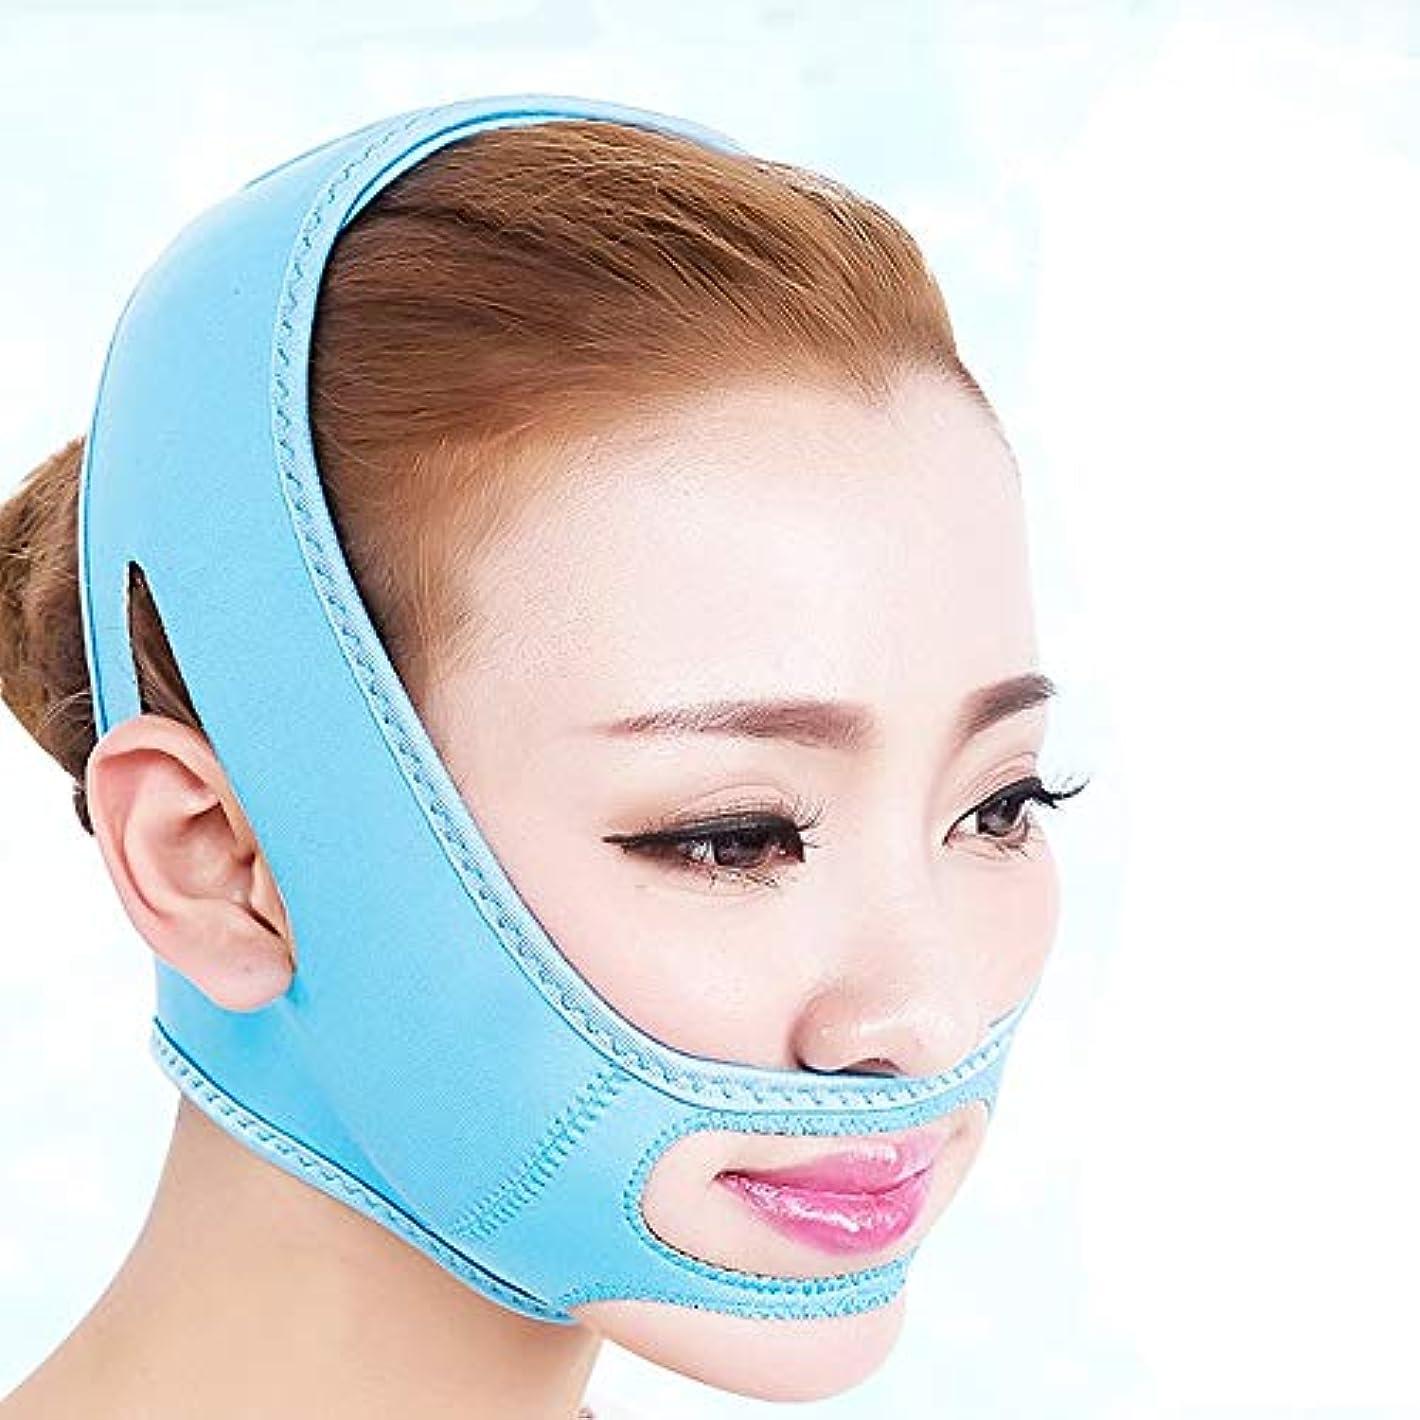 触覚暖かく計画的Vラインマスク、ネックマスクフェイスリフトVリフティングチンアップパッチダブルチンリデューサーネックリフト,Blue